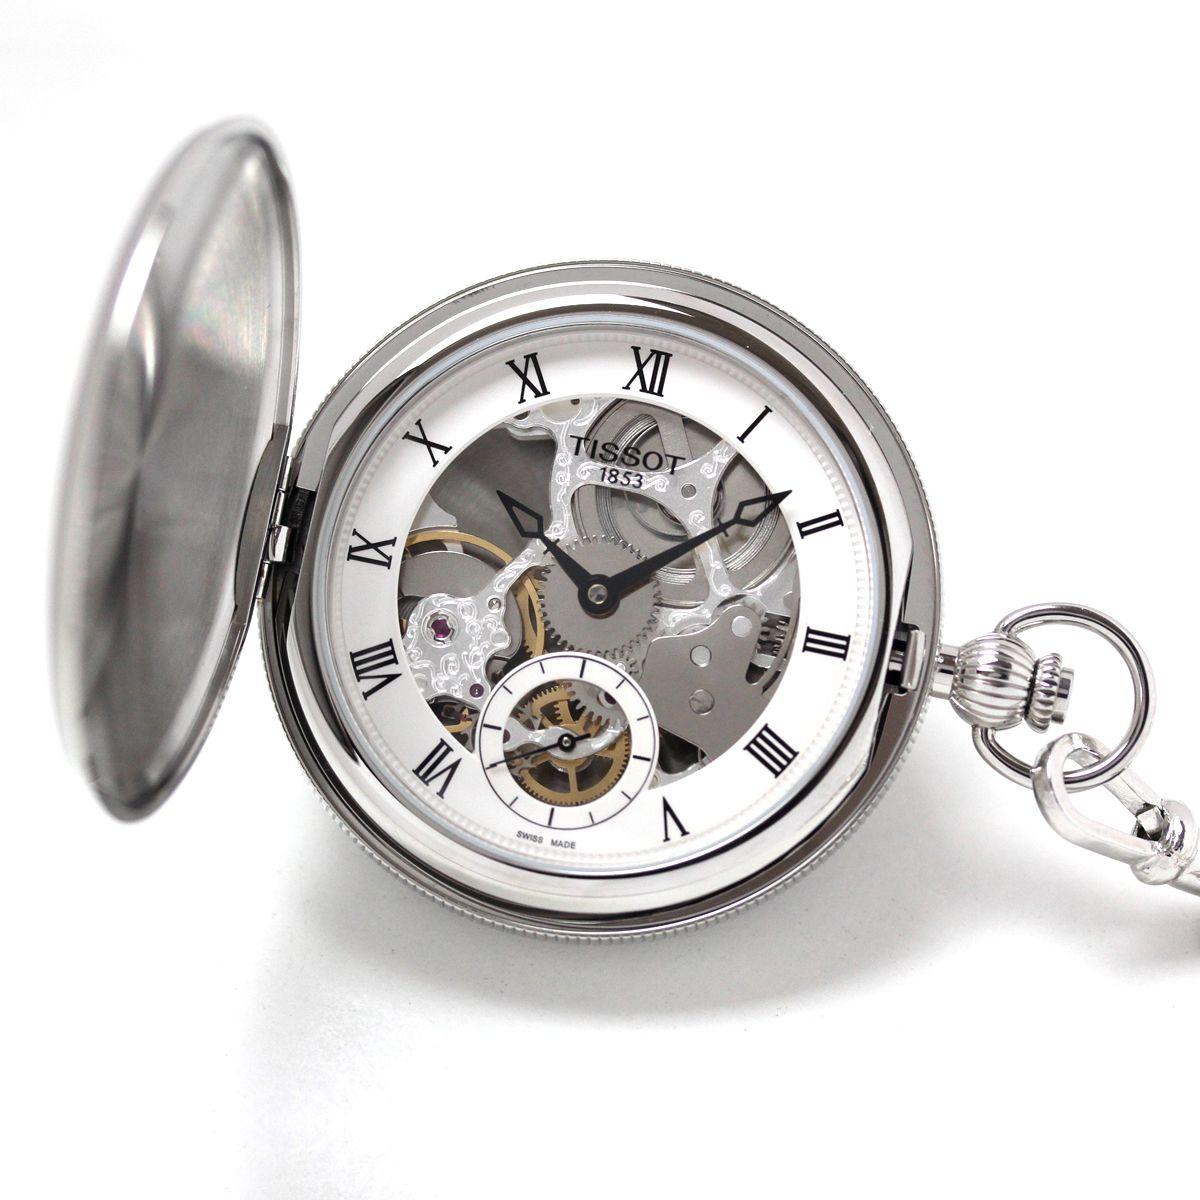 Tissot(ティソ) ポケット ブリッジポート メカニカル スケルトン 手巻き T859.405.19.273.00 懐中時計